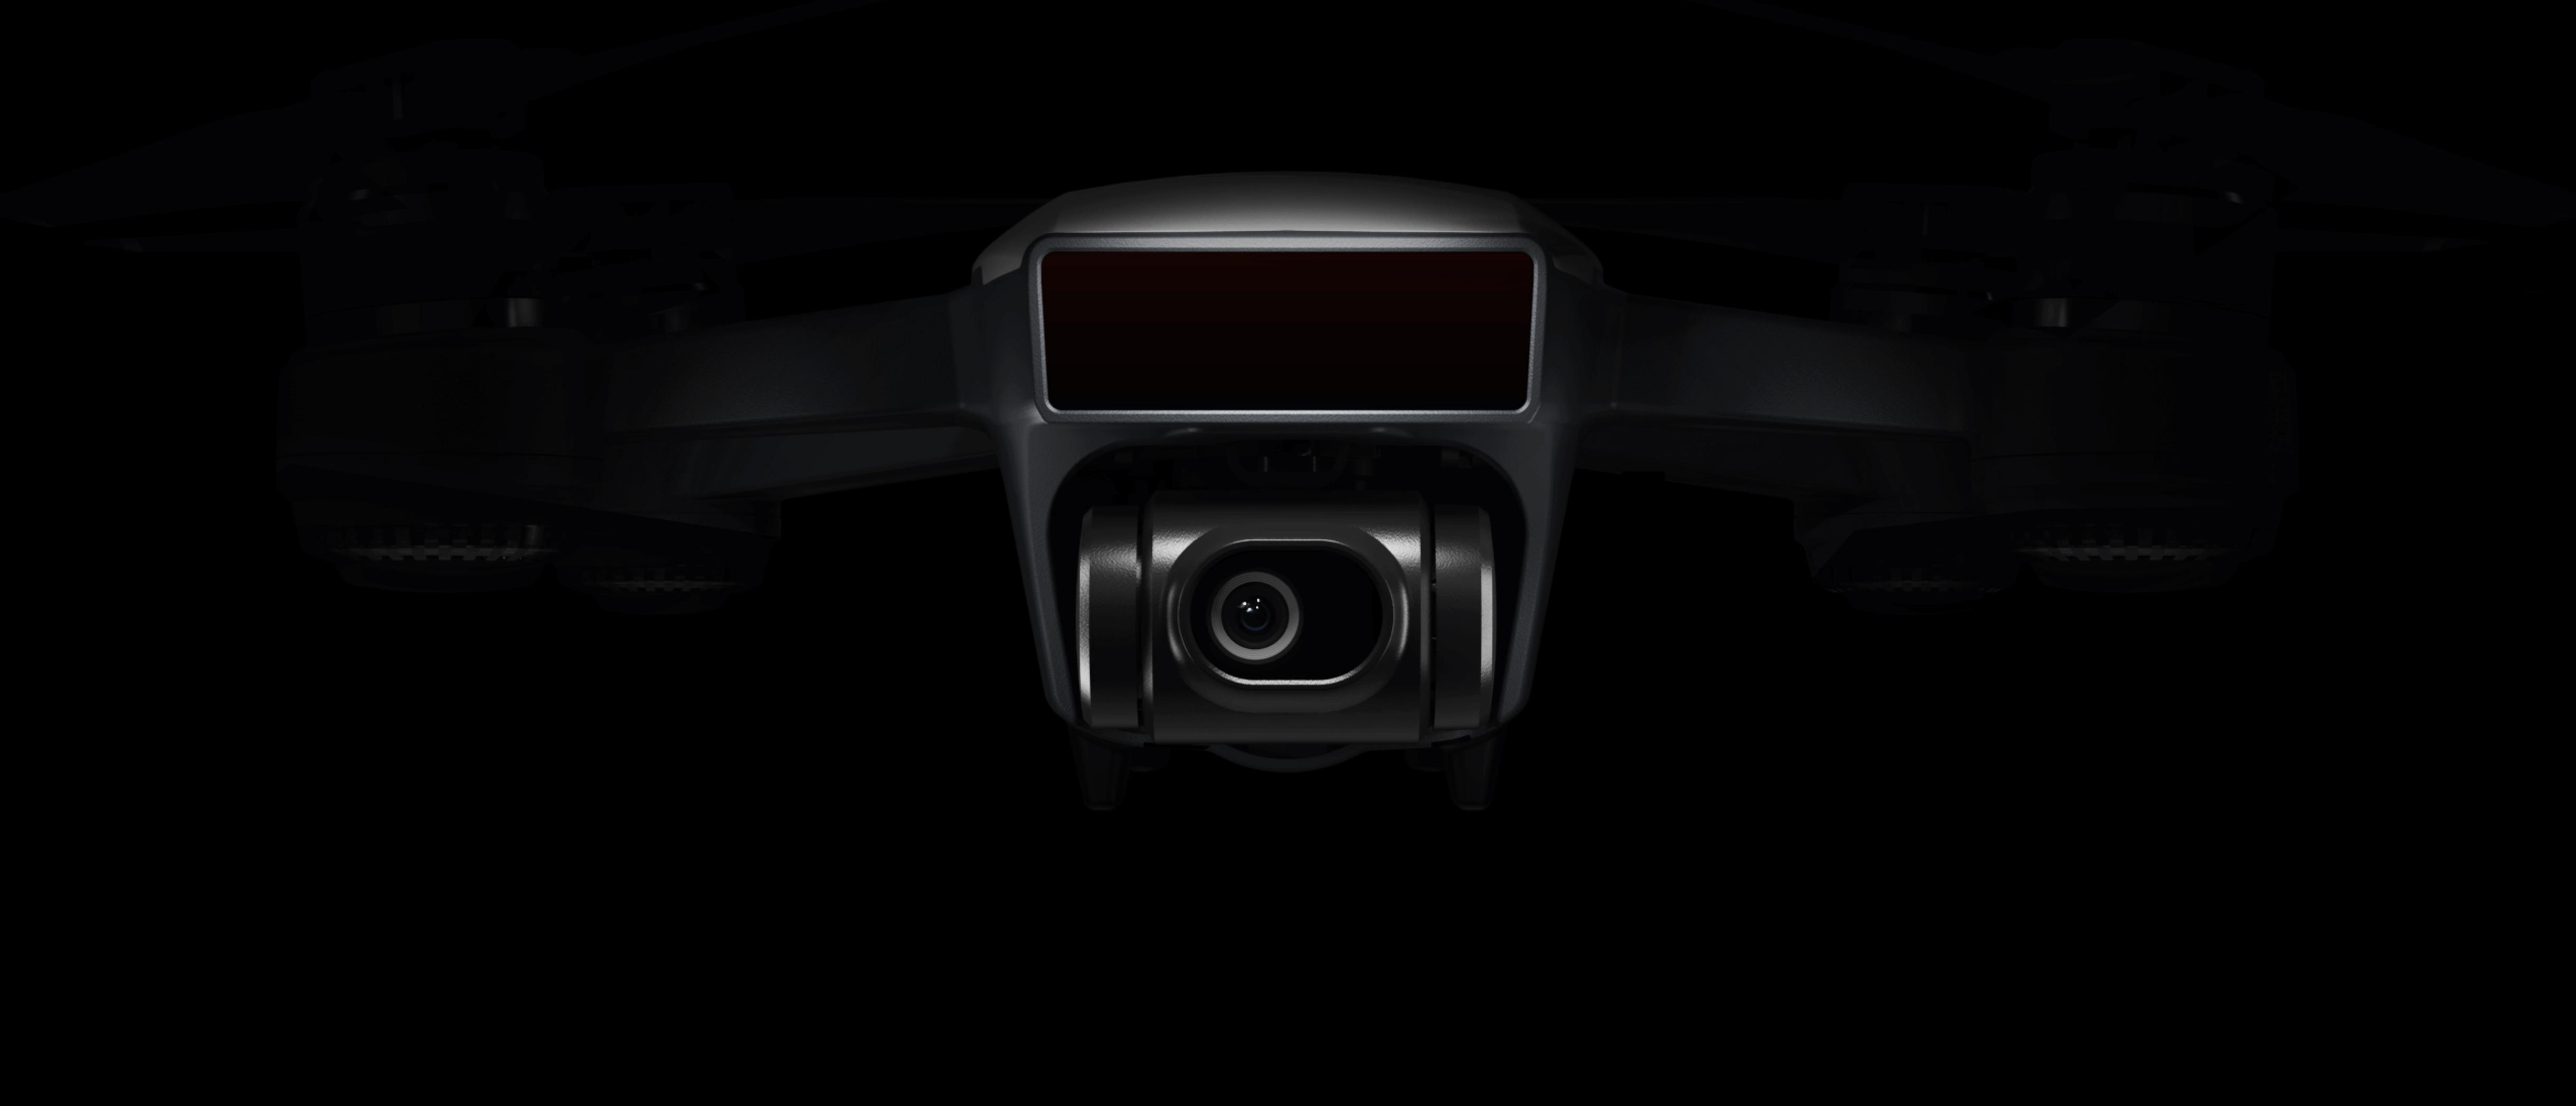 dji-spark-kamera-gimbal